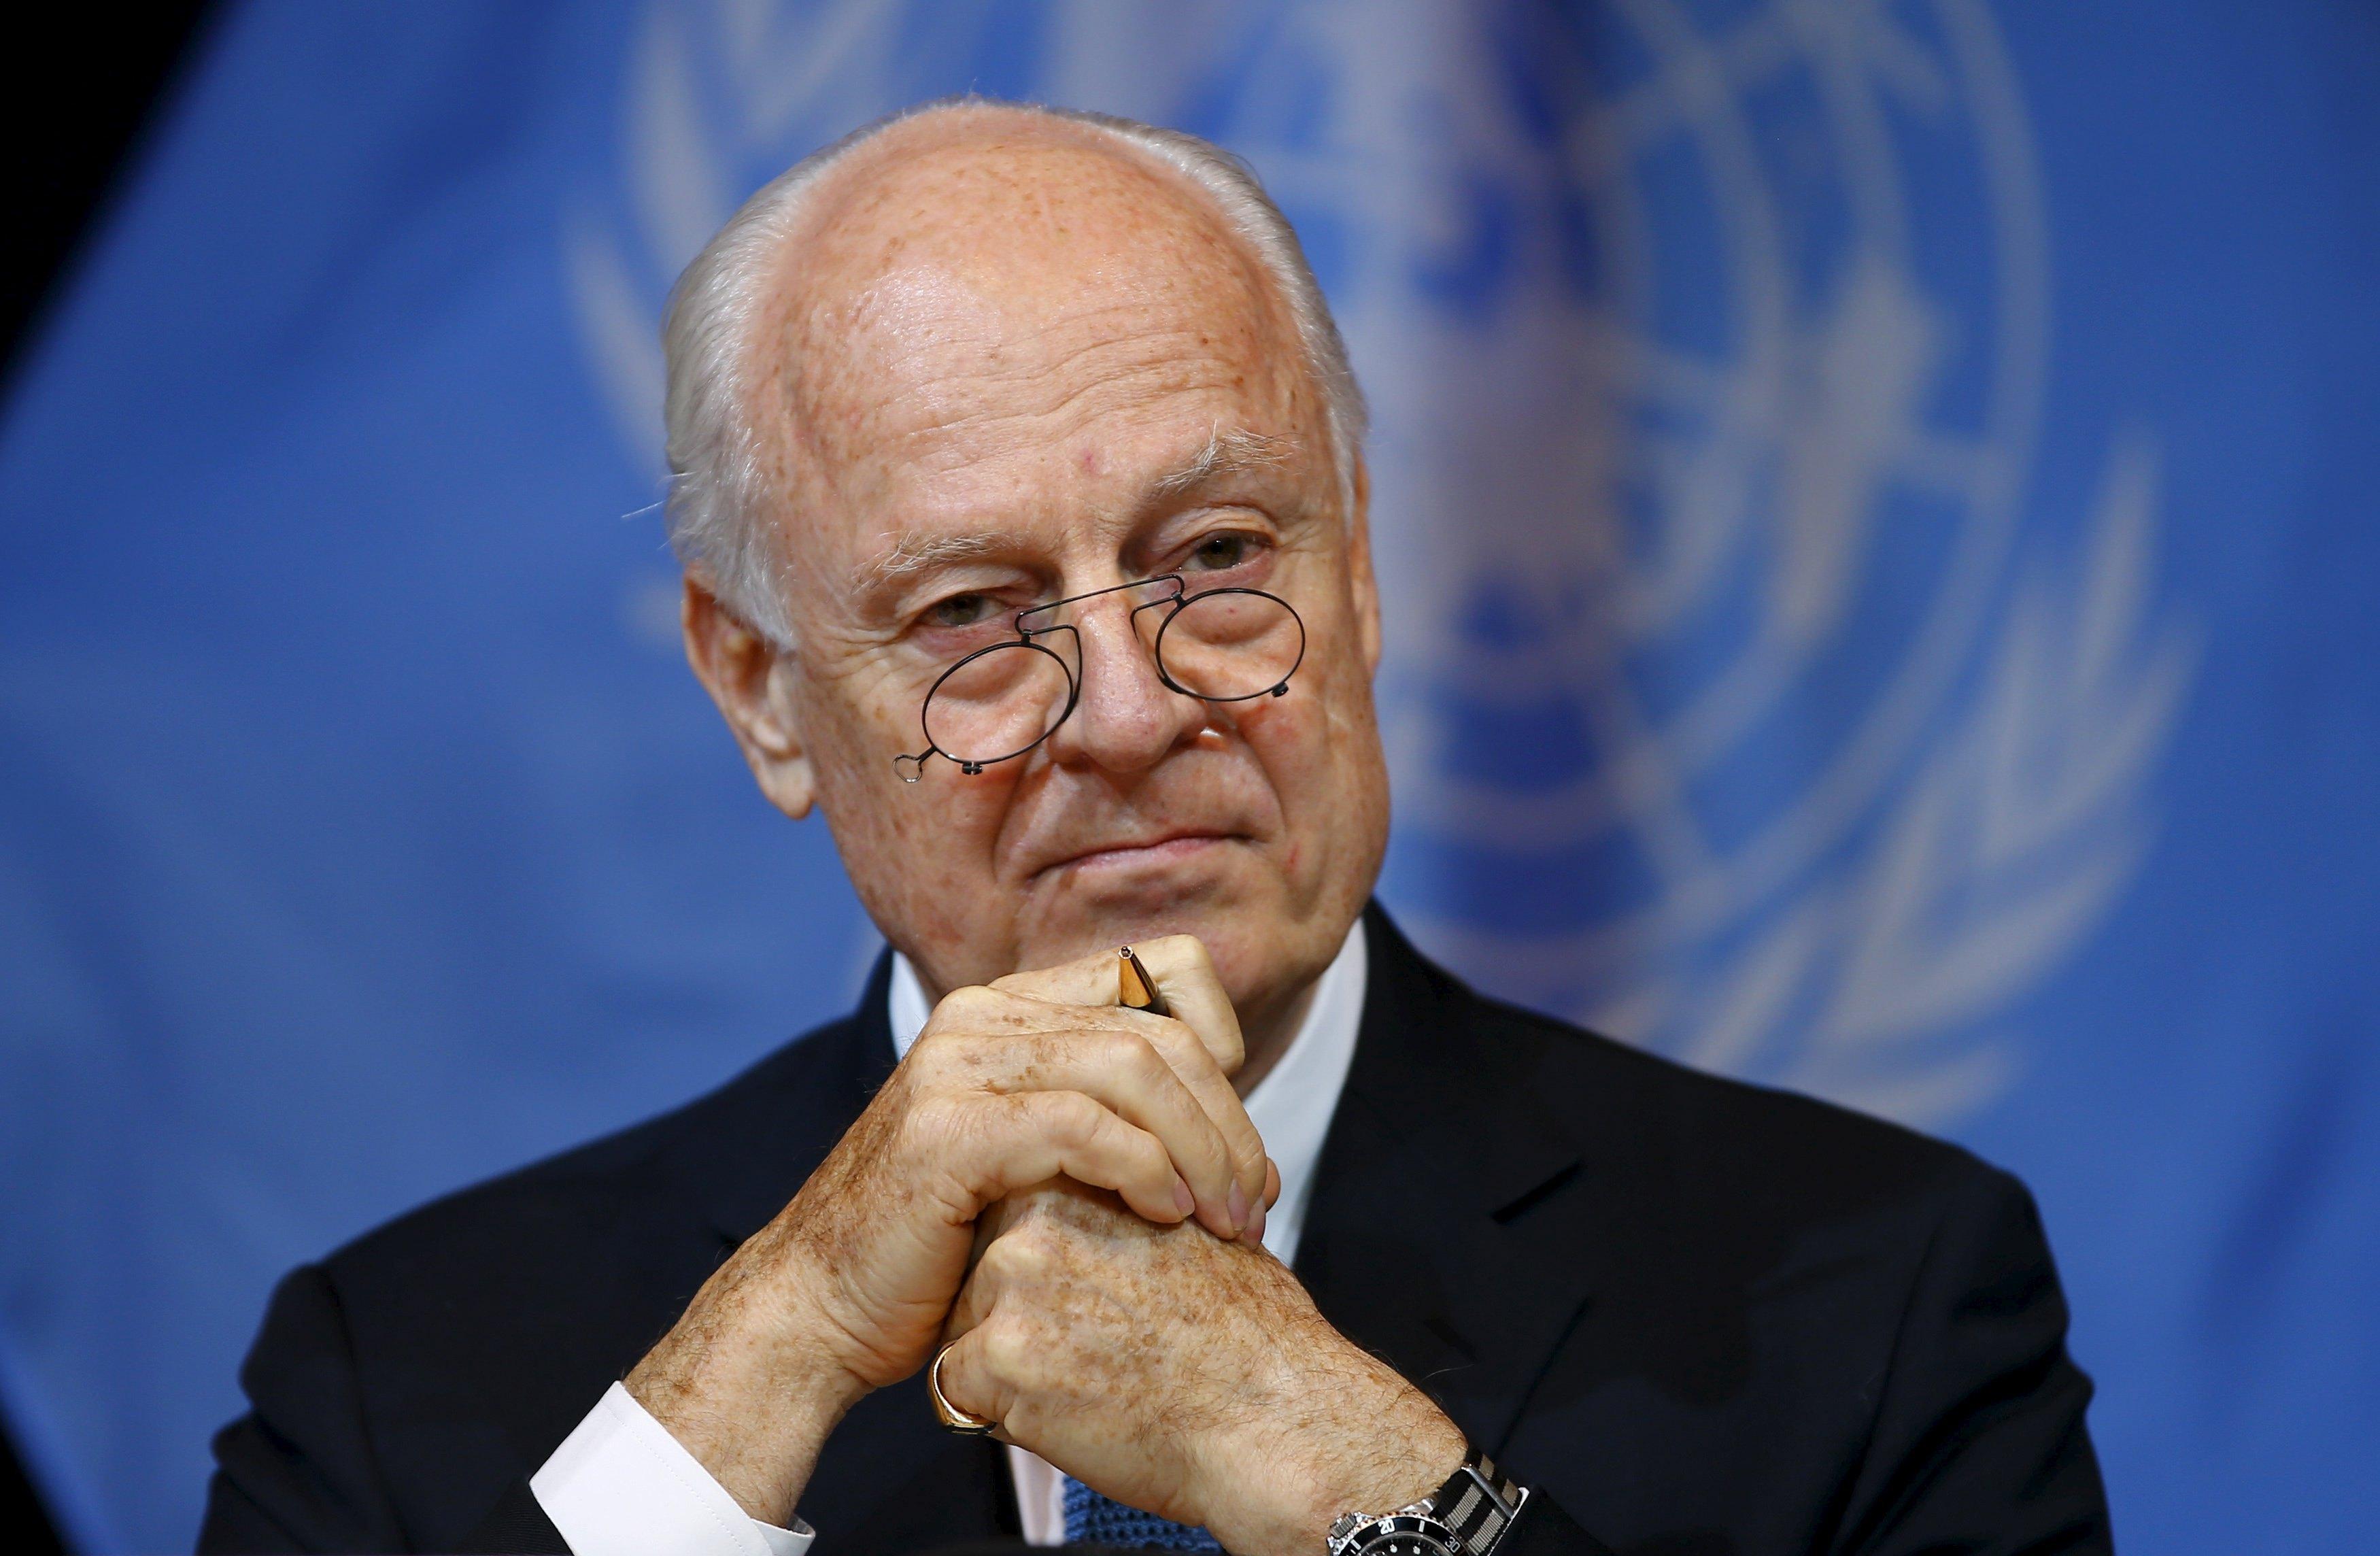 BM'den Soçi kararı